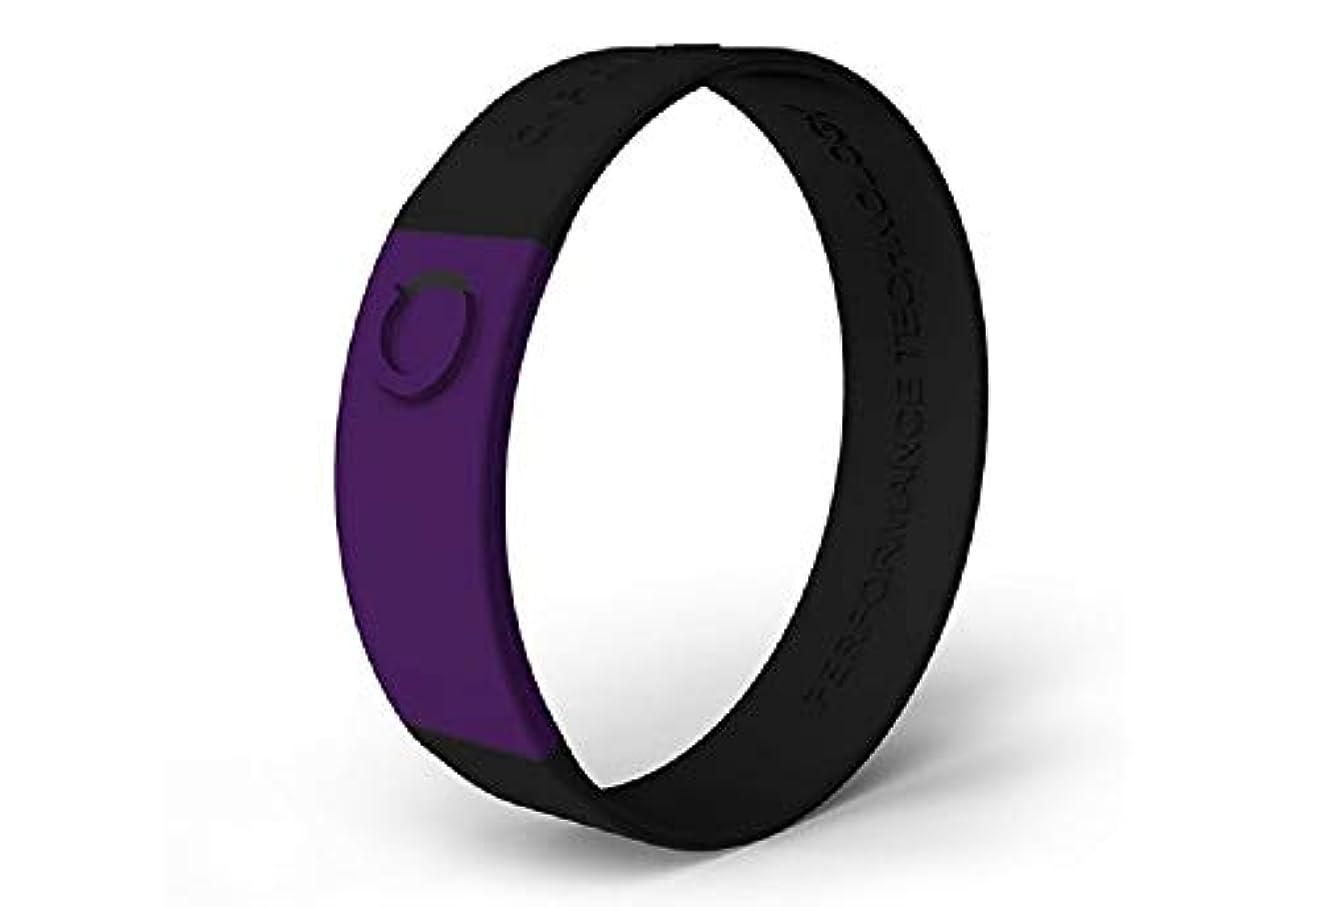 前売飽和する増幅器C-PRIME BURN (violet/black/black) (Sサイズ)